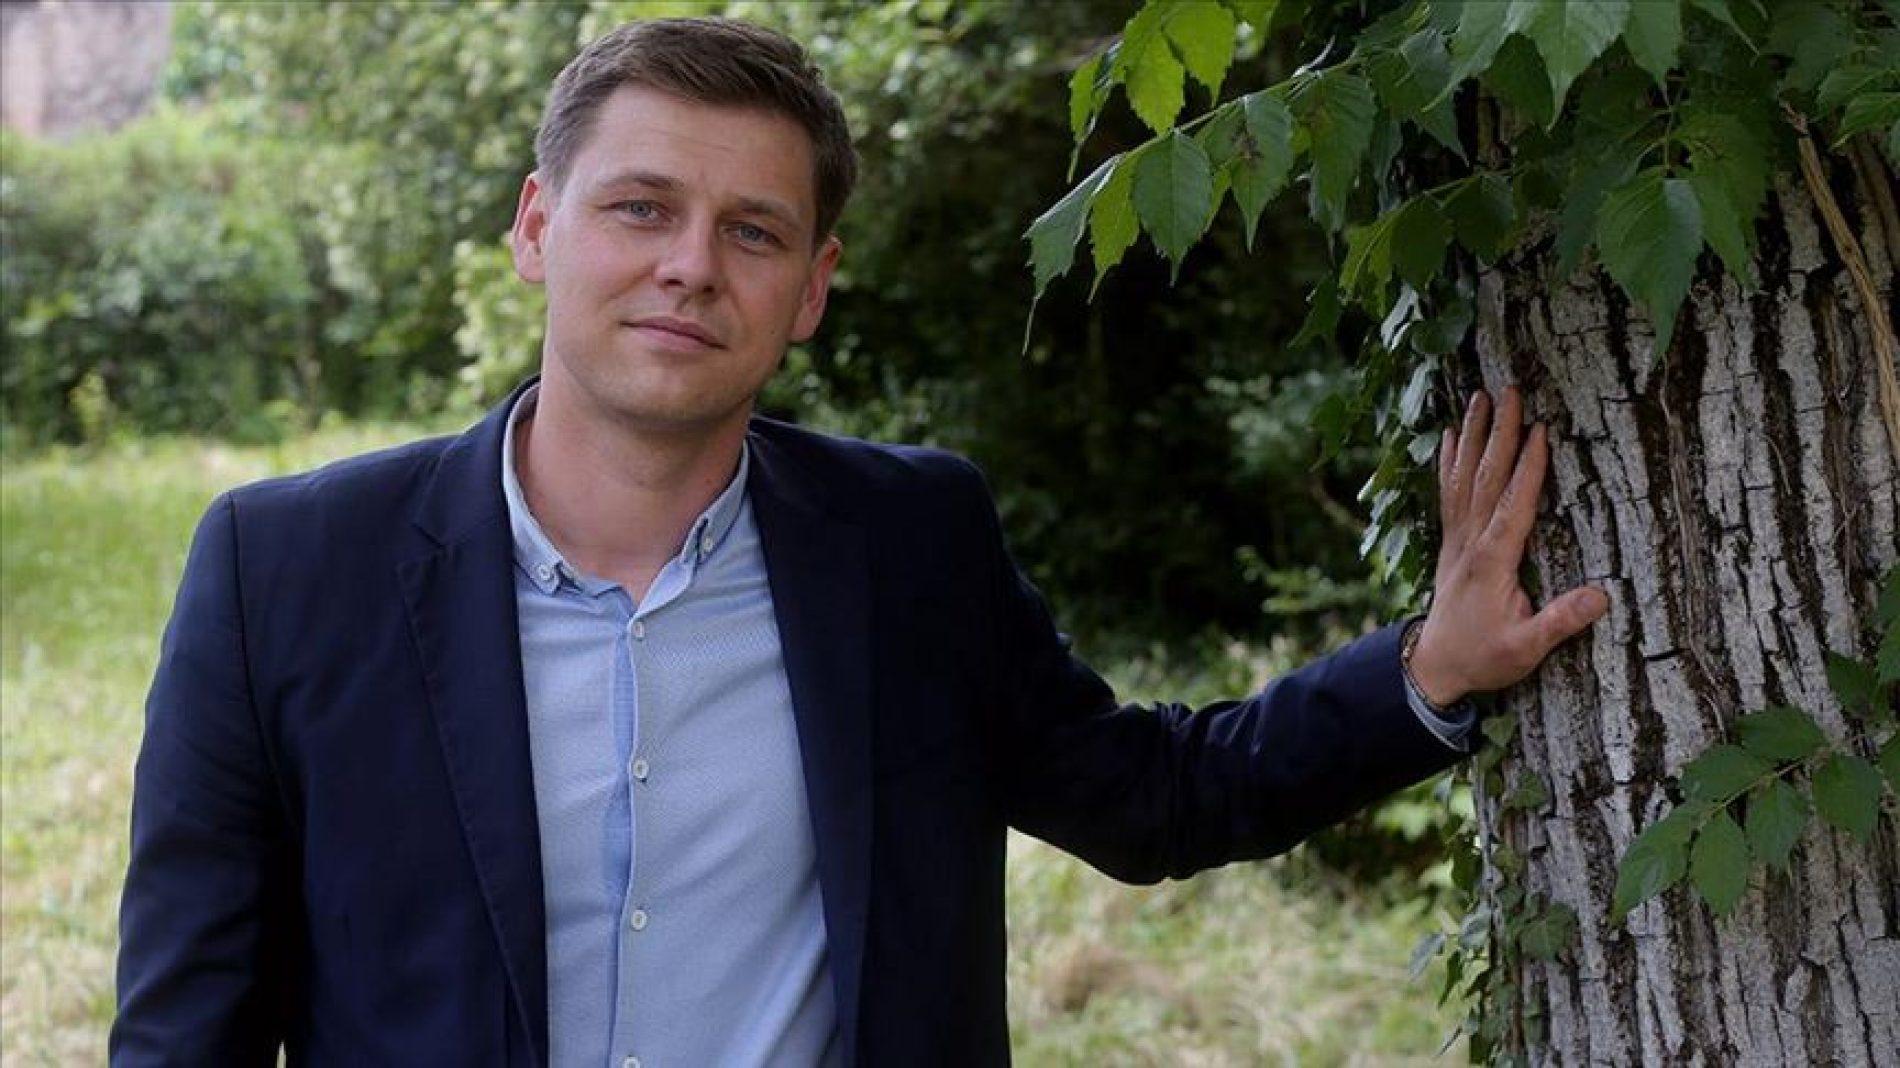 Bermin Meškić, kandidat za Hrvatski sabor: Bošnjake ću učiniti politički vidljivima u RH